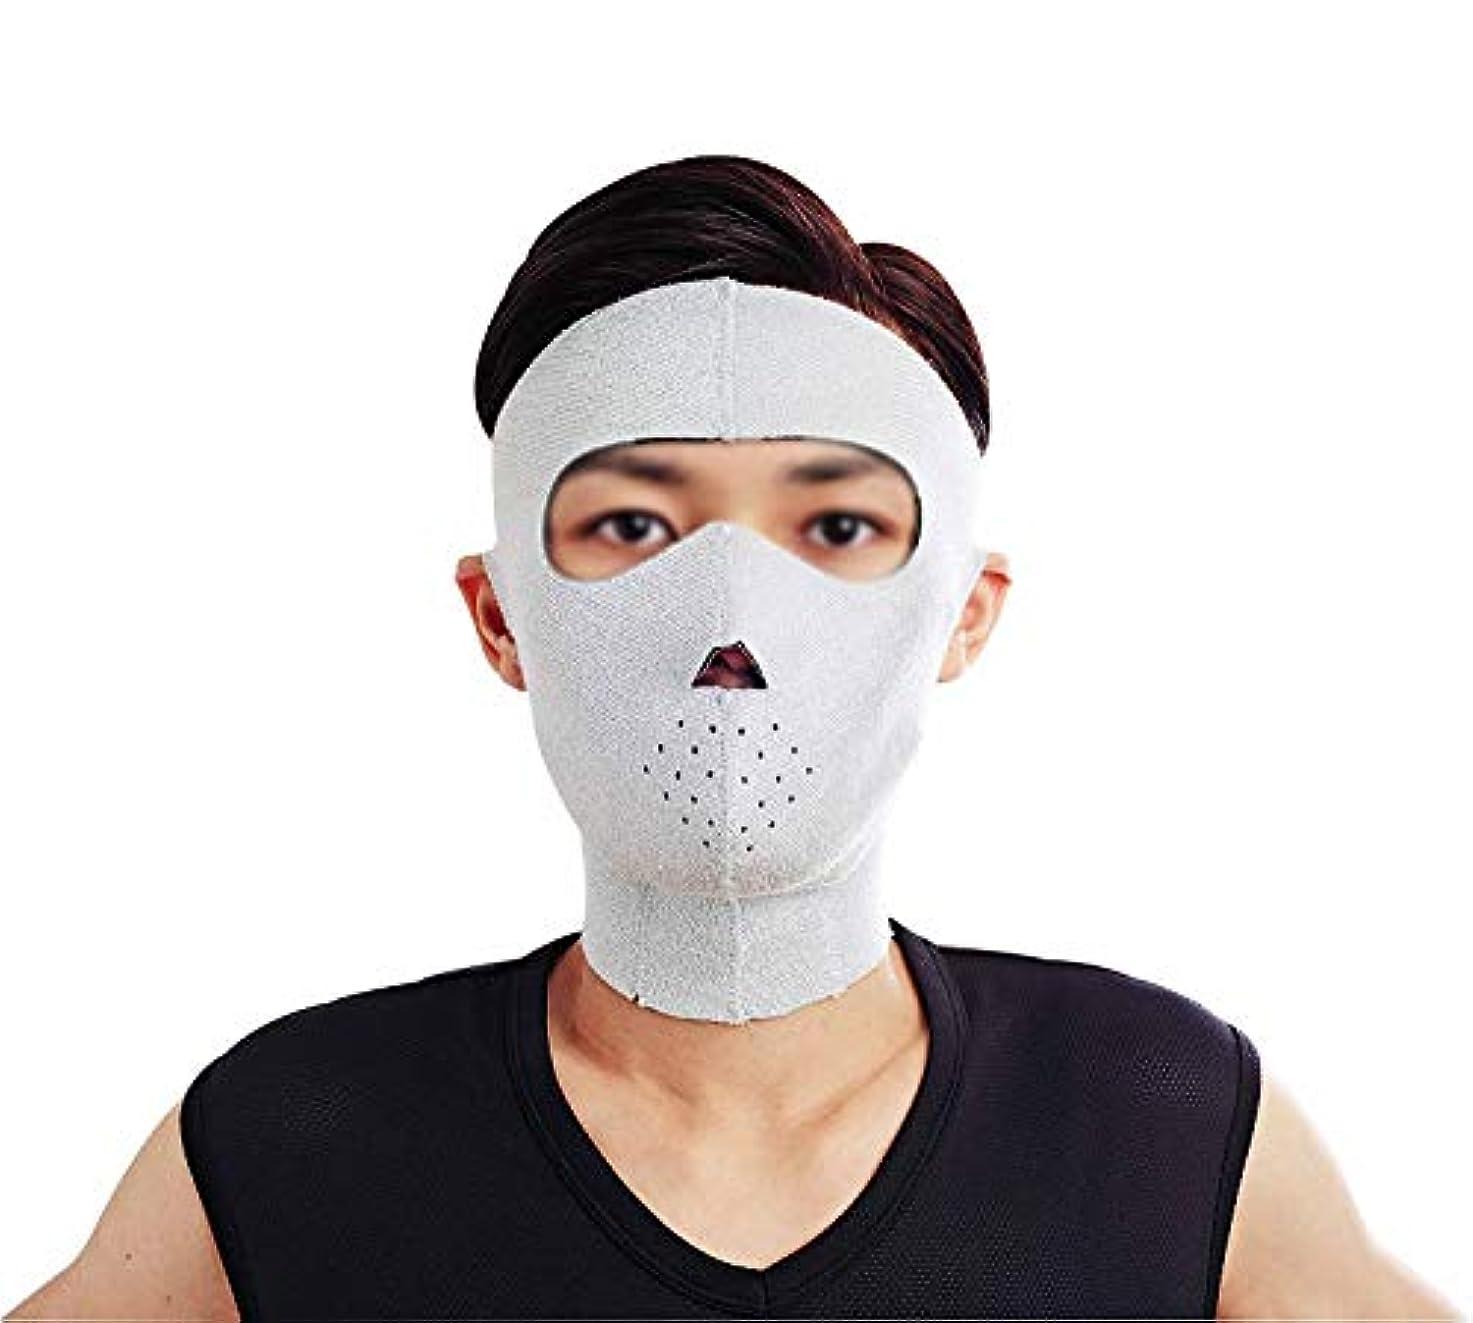 カートリッジ無限大船形GLJJQMY 薄い顔のマスクのマスクと男性のネックバンドとの垂れ下がり防止の薄い顔のマスクの薄い顔のマスクのアーチファクトの美しさを引き締め 顔用整形マスク